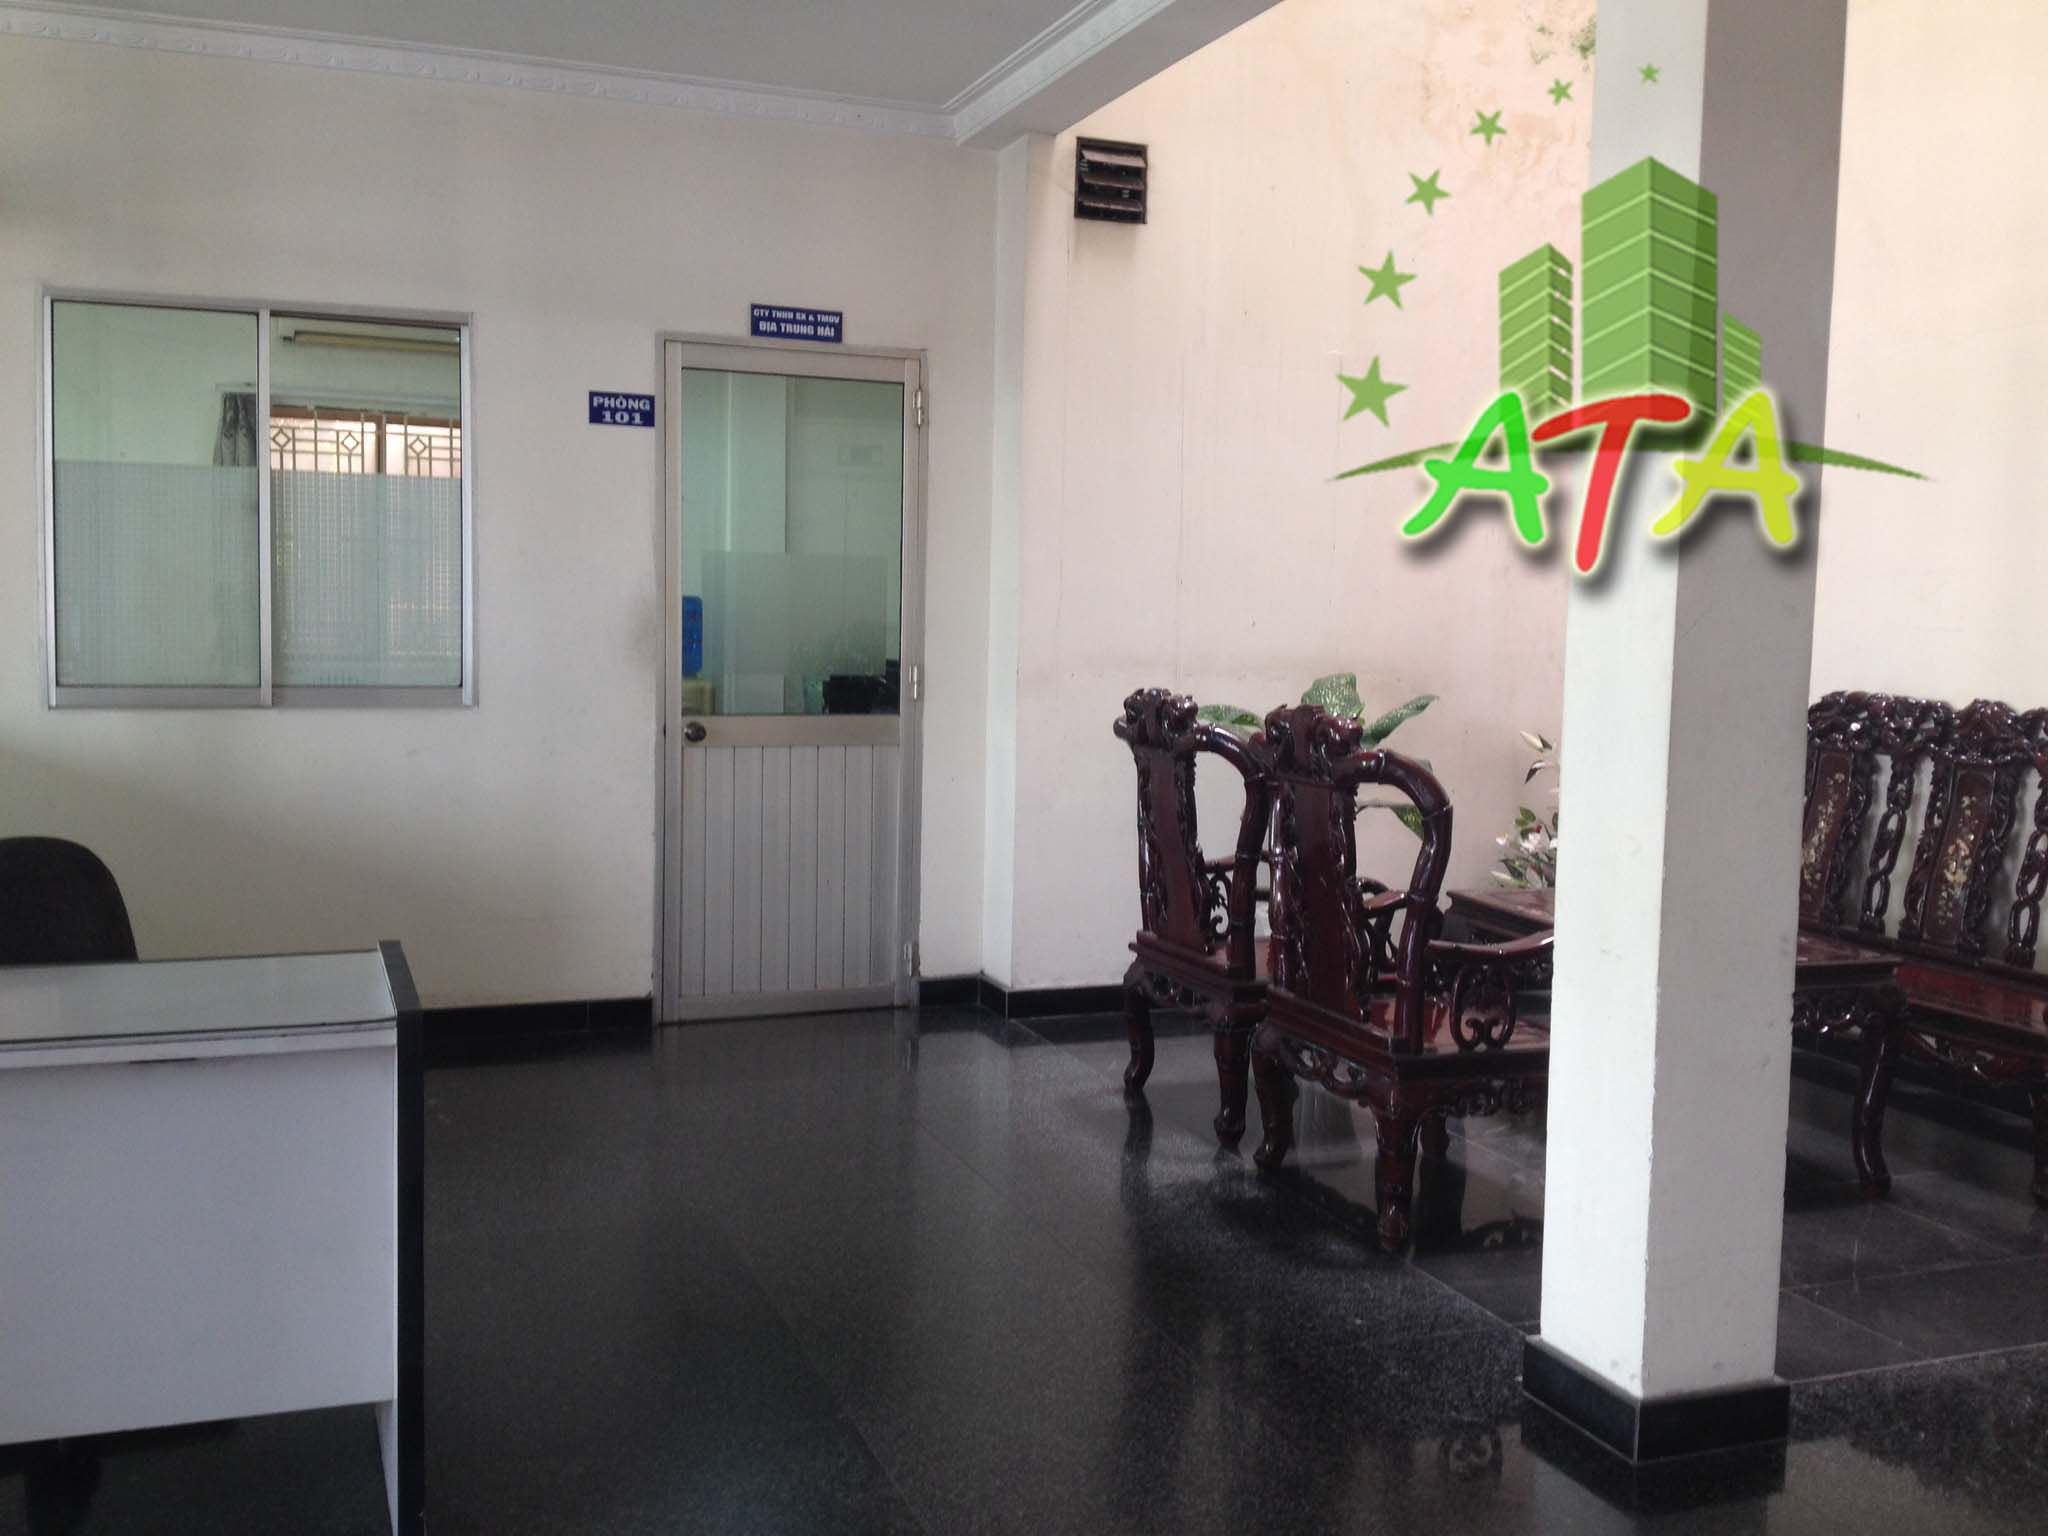 văn phòng cho thuê quận Bình Thạnh, 586 Building đường Nguyễn Thiện Thuật, Quận Bình Thạnh, office for lease in HCMC